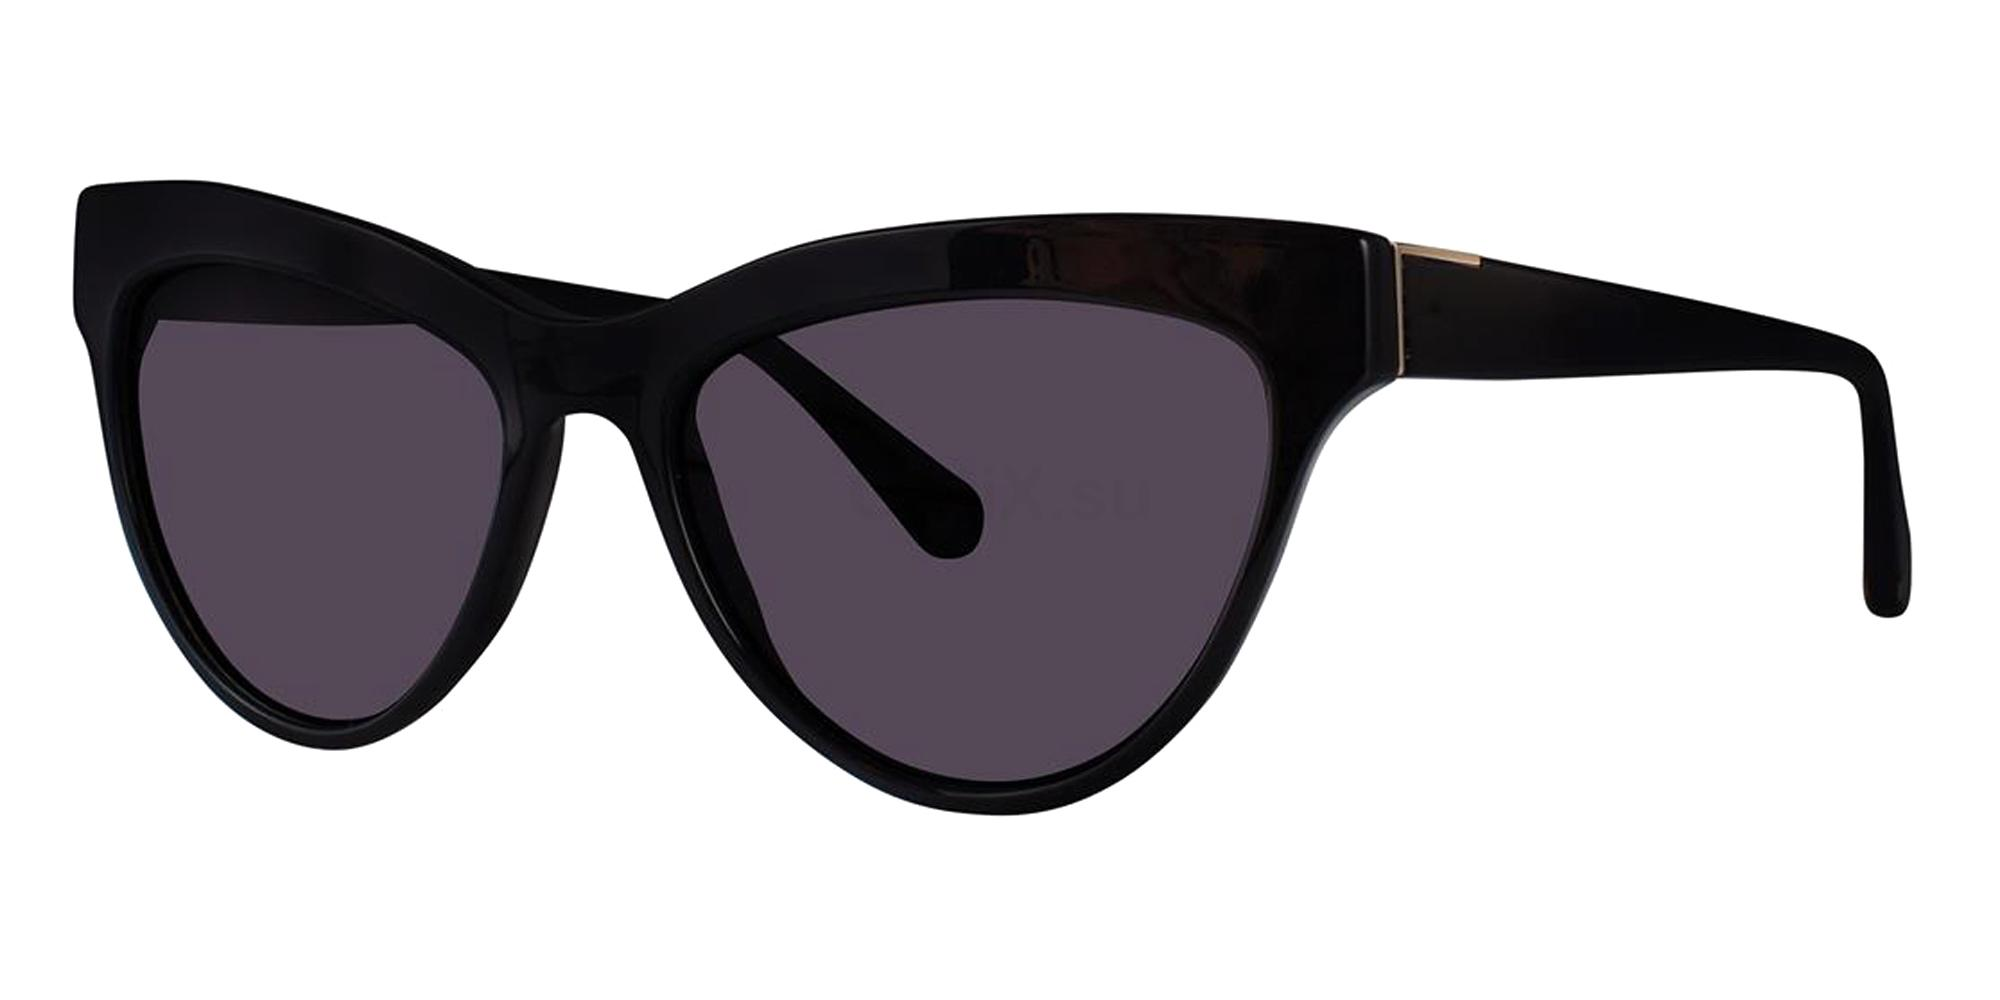 Black FARROW Sunglasses, Zac Posen